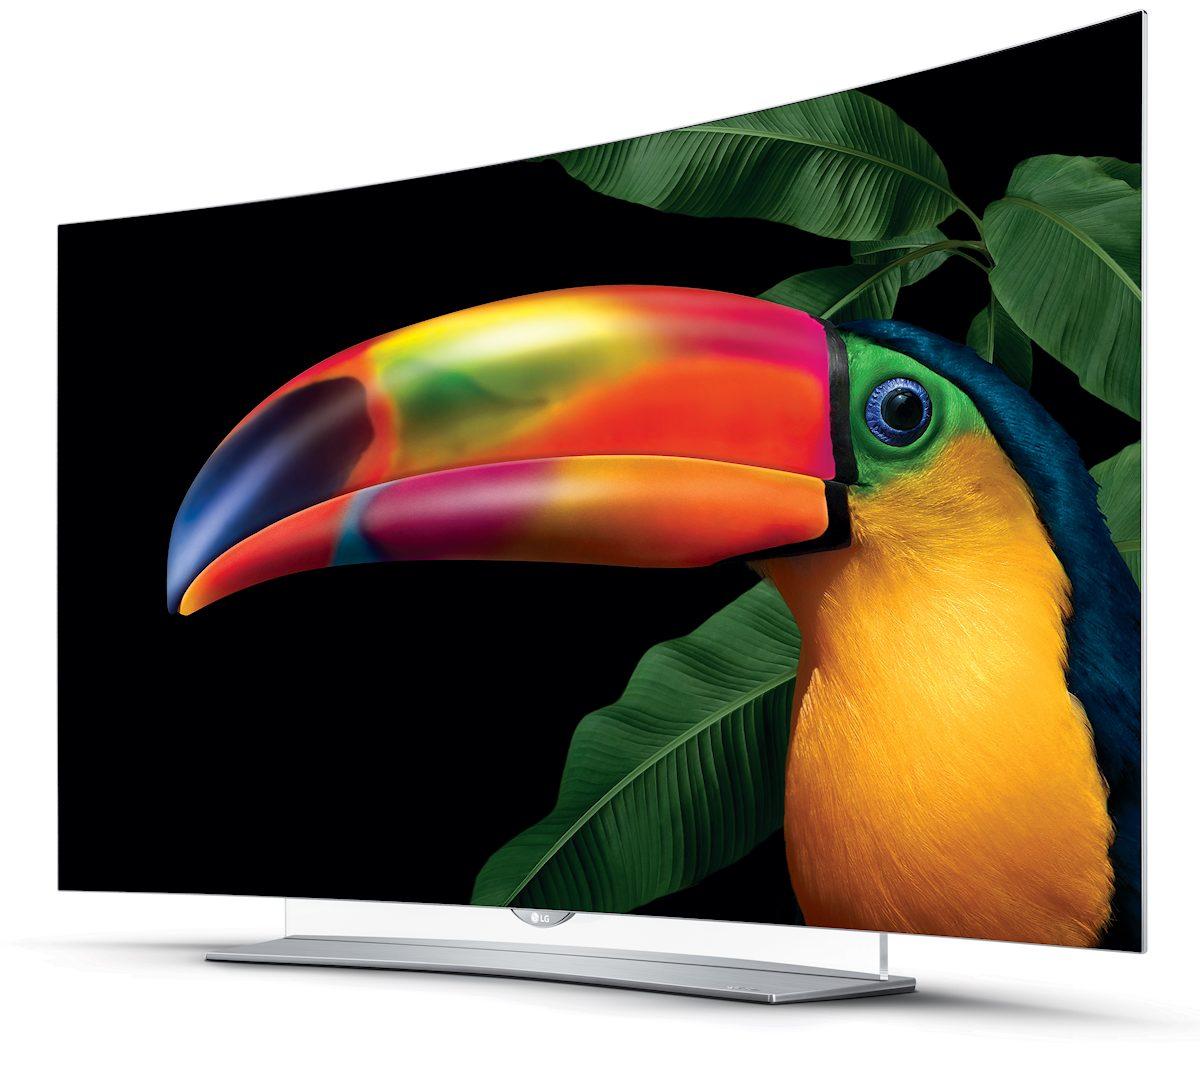 LG EG960V - 4K UHD OLED TV